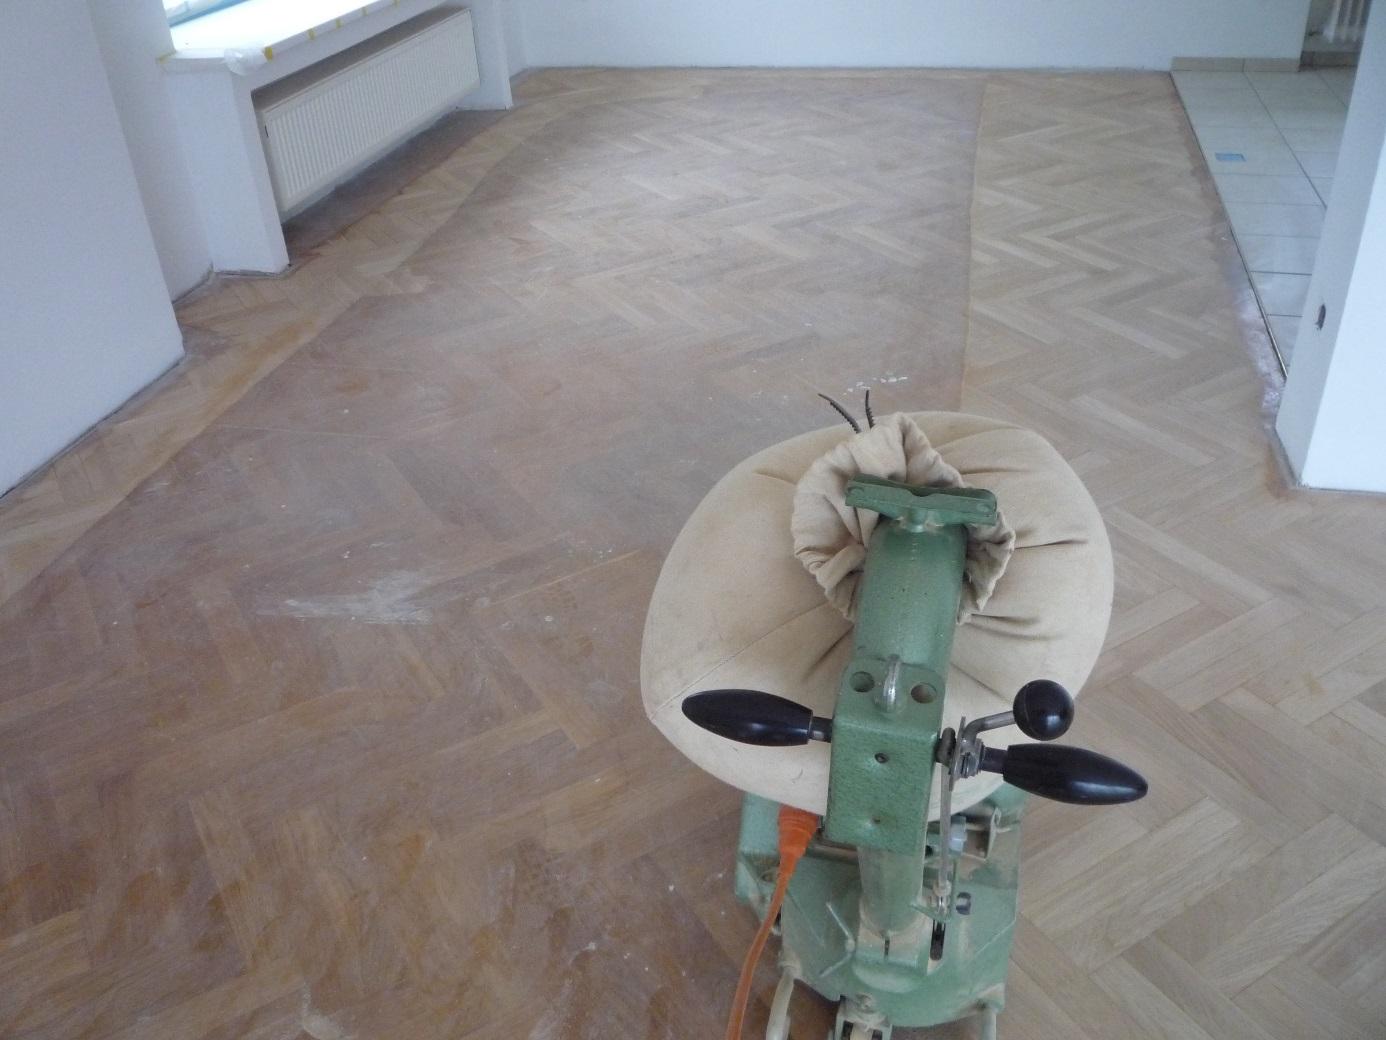 Holzfußboden Dielen ~ Parkett meuth warstein renovieren von parkett und dielen parkett